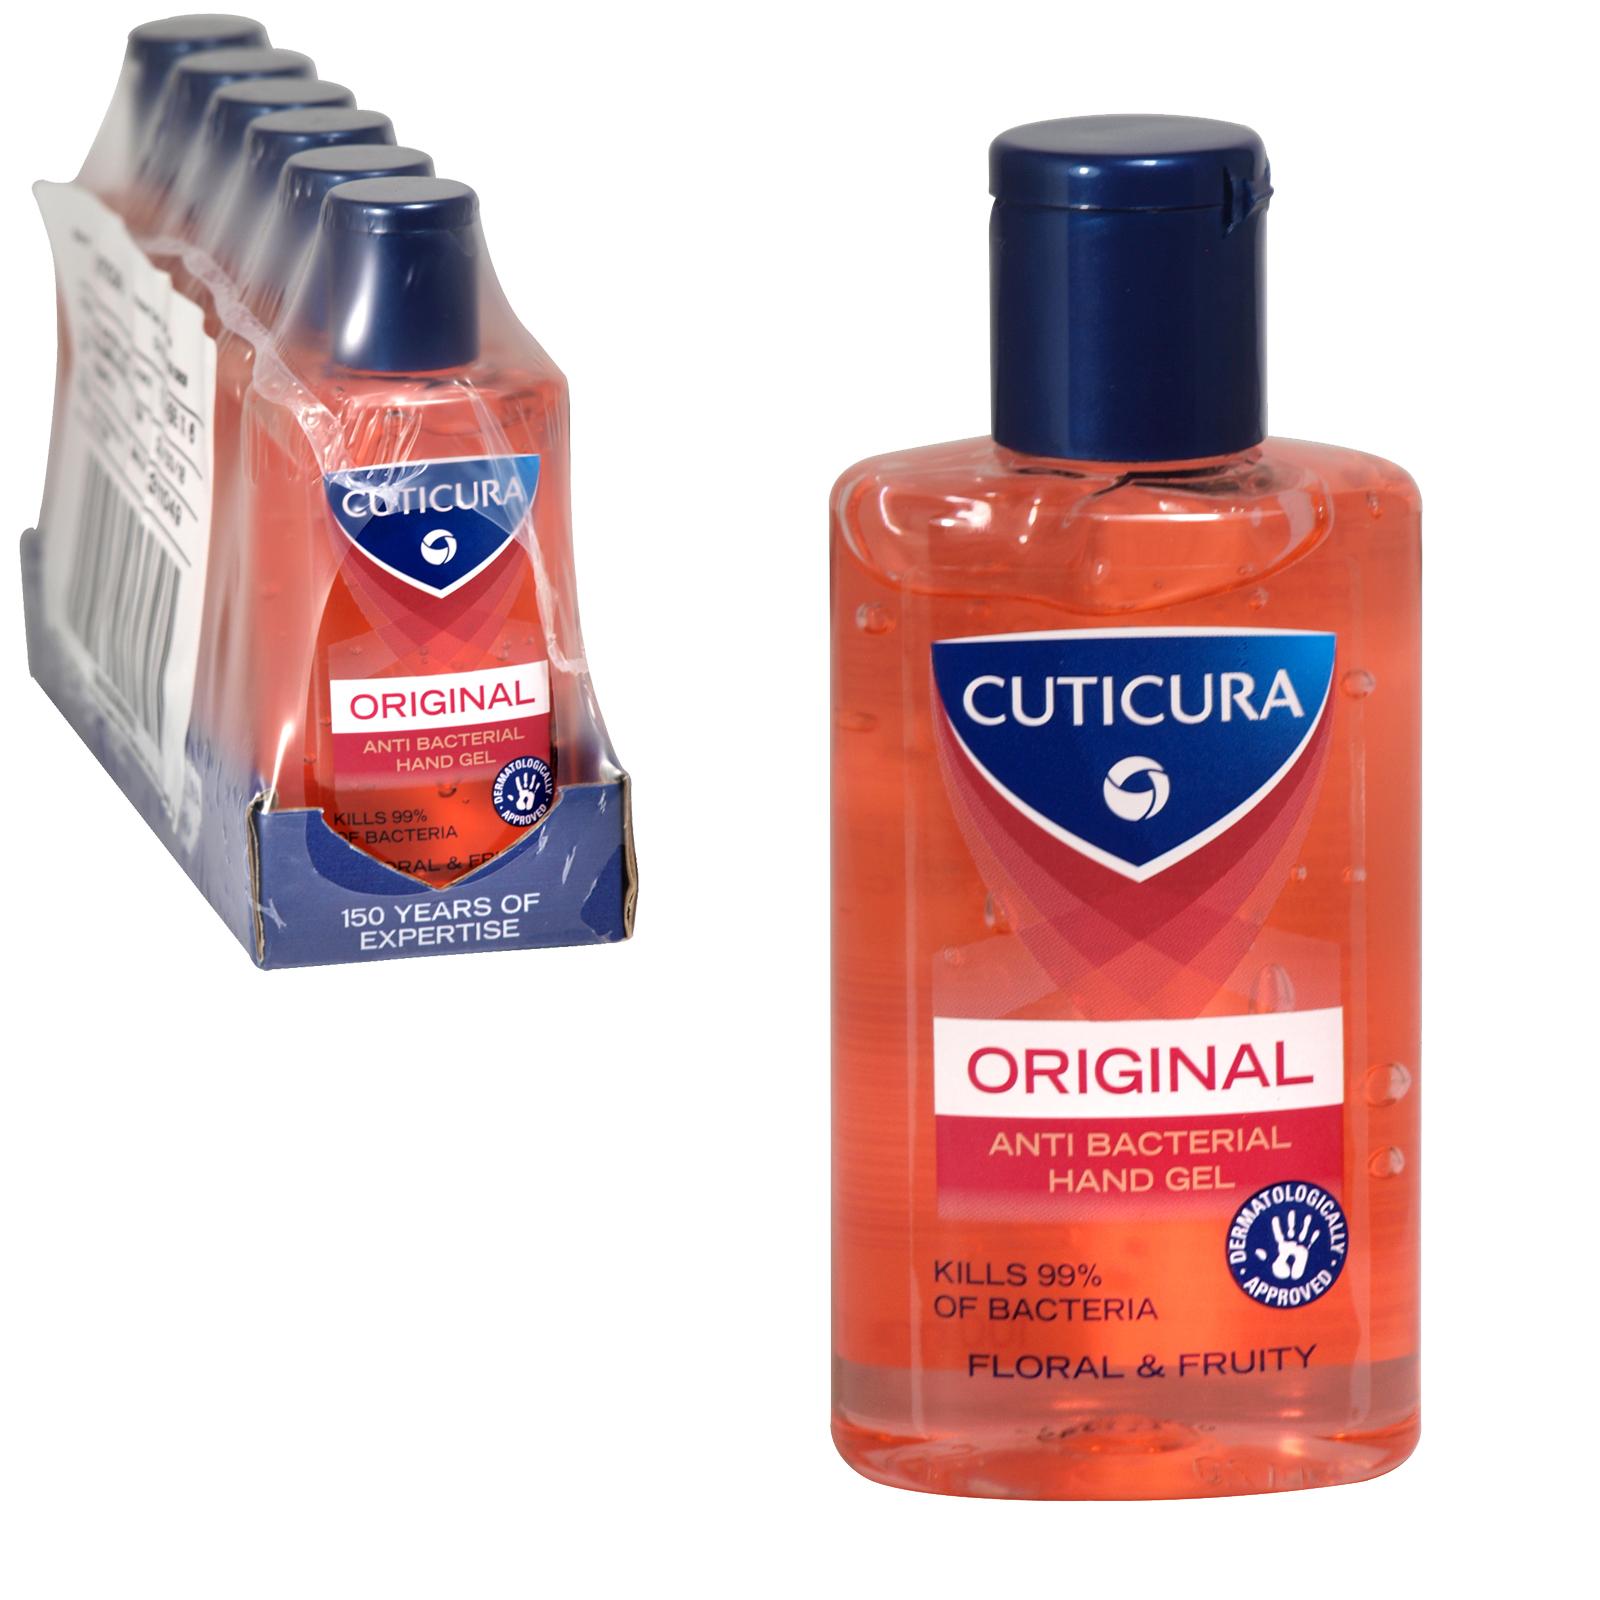 CUTICURA ANTI-BAC HAND GEL 100ML PINK FLORAL+FRUITY X6